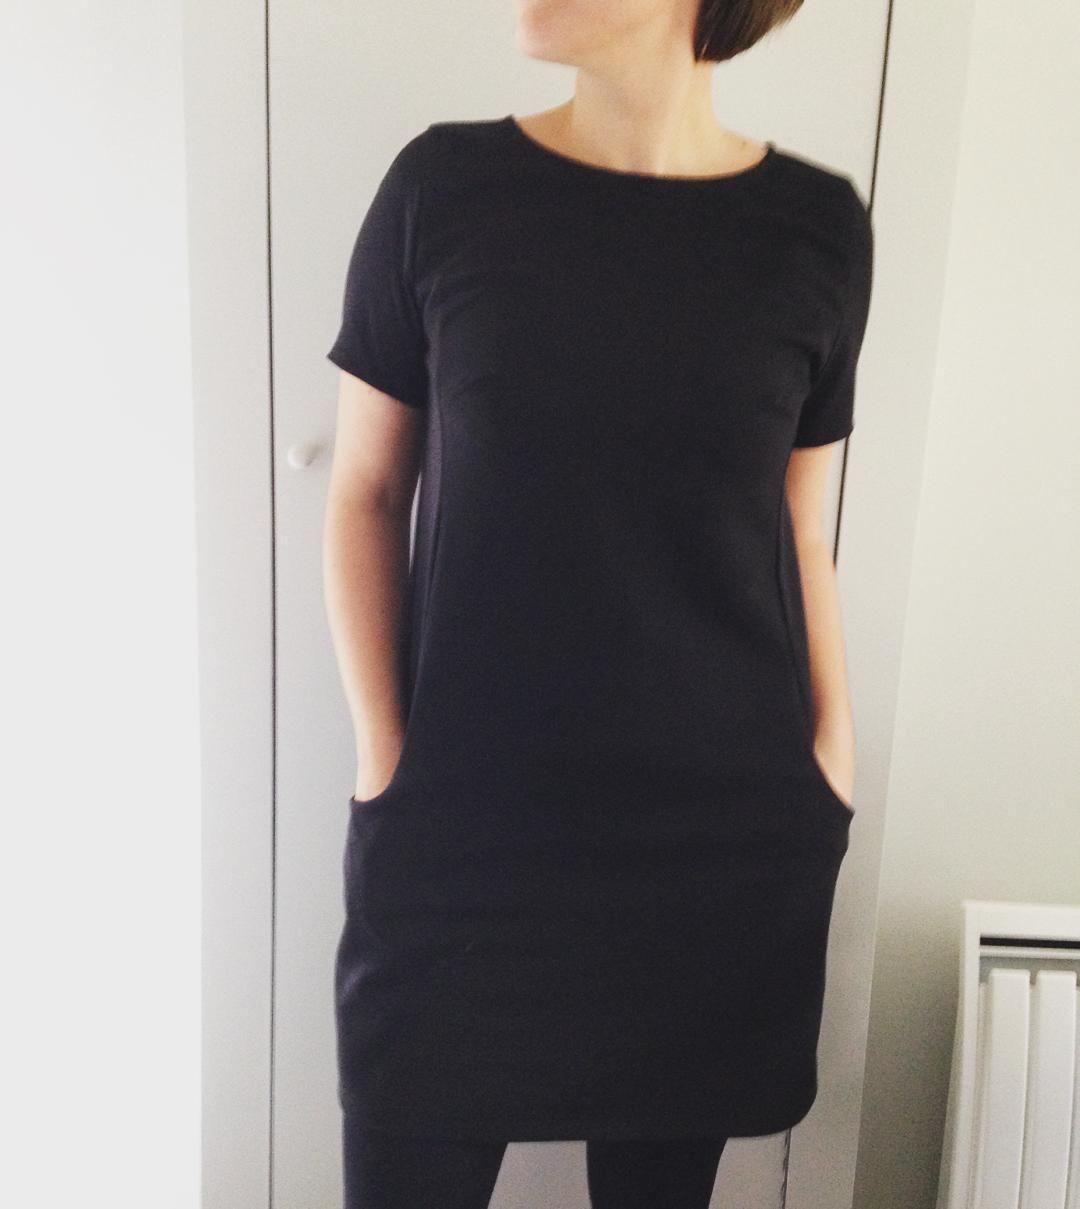 Vue et adorée en noire chez @clio_lyon... Un vrai doudou cette robe xéréa dress#mapetiterobenoire #gabardine #mondialtissus